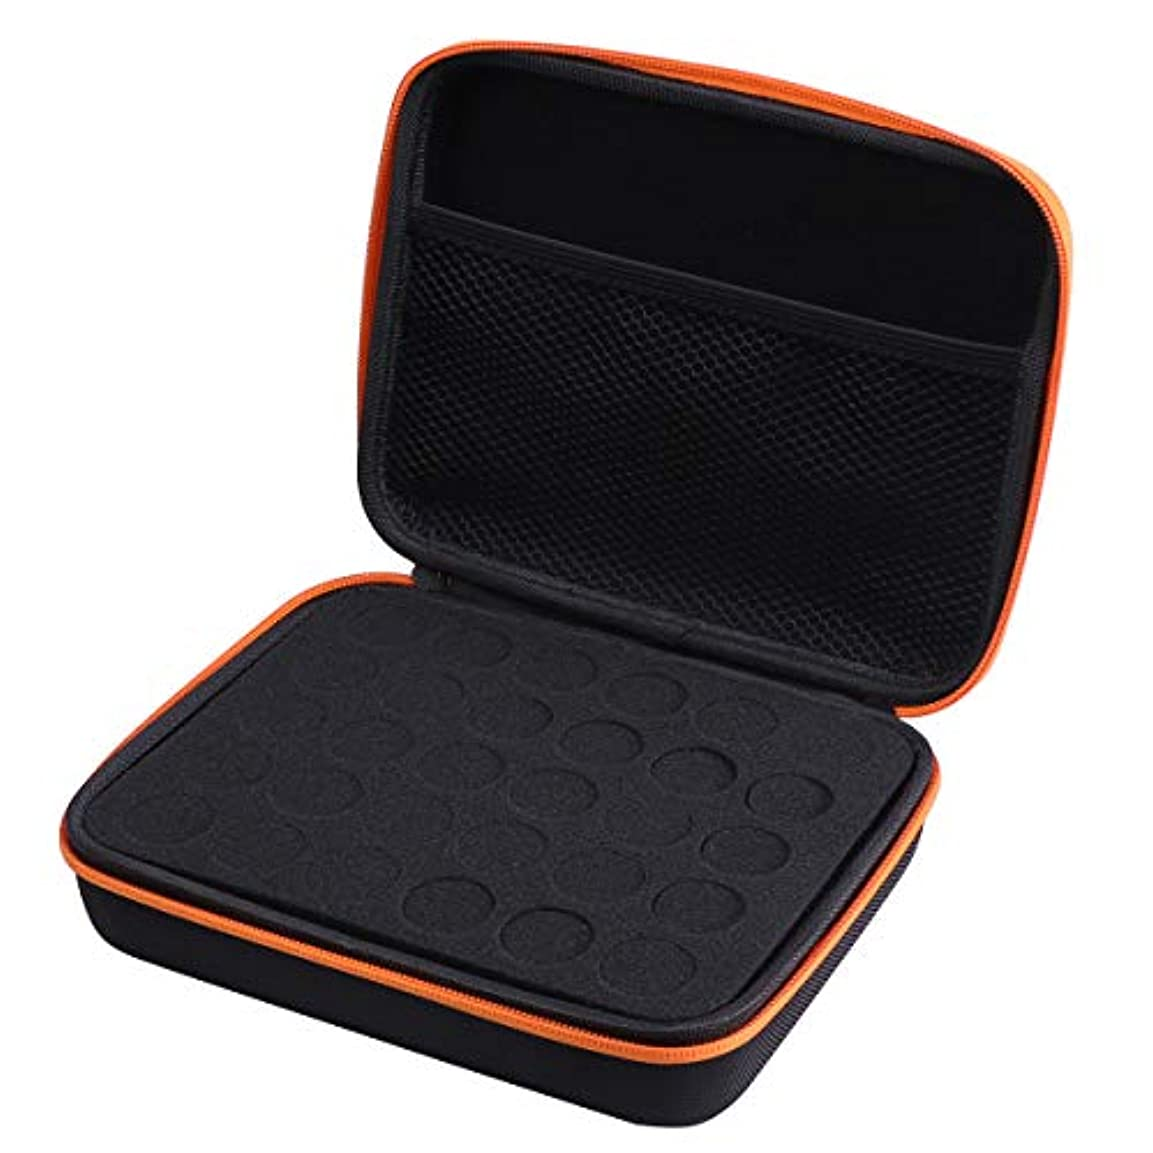 目に見える遠洋のコンプリートFrcolor エッセンシャルオイル ケース 携帯用 アロマポーチ アロマケース メイクポーチ 精油ケース 30本用(オレンジ)